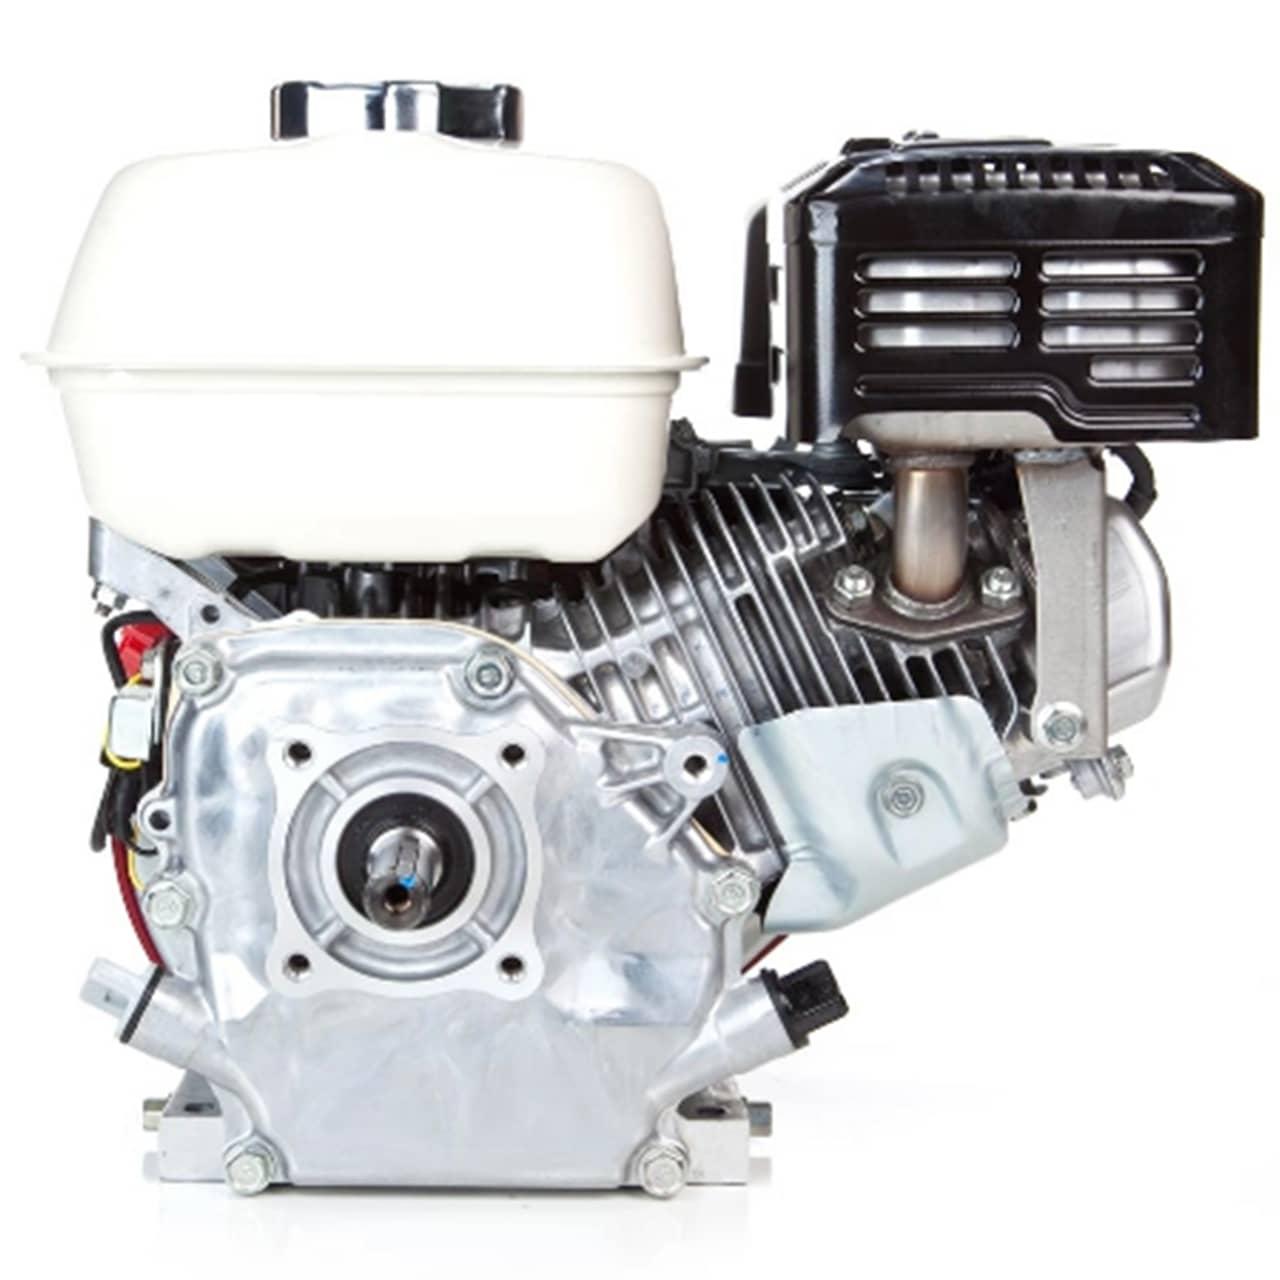 Rabeta Barco 2,0 M Com Motor Honda Gx 200 6.5 Hp Gasolina